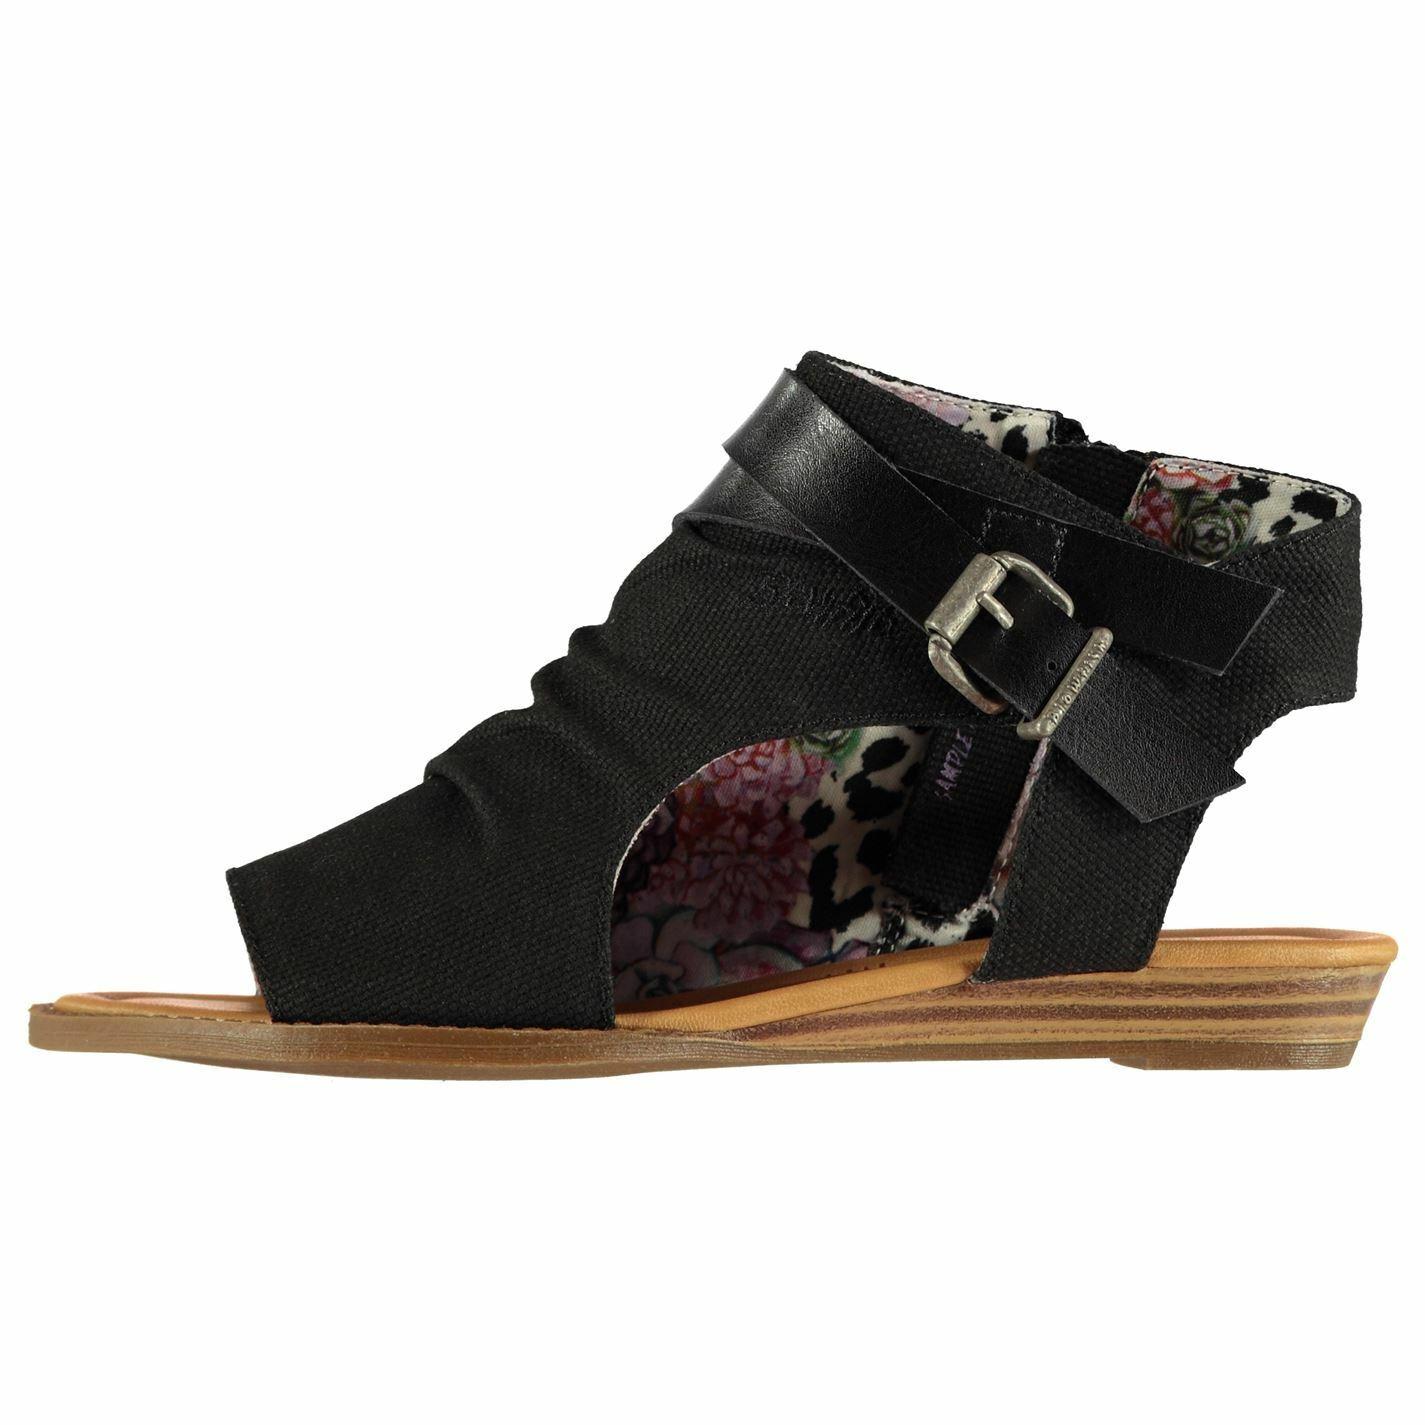 Womens Blowfish Balla Sandals Flat Zip New